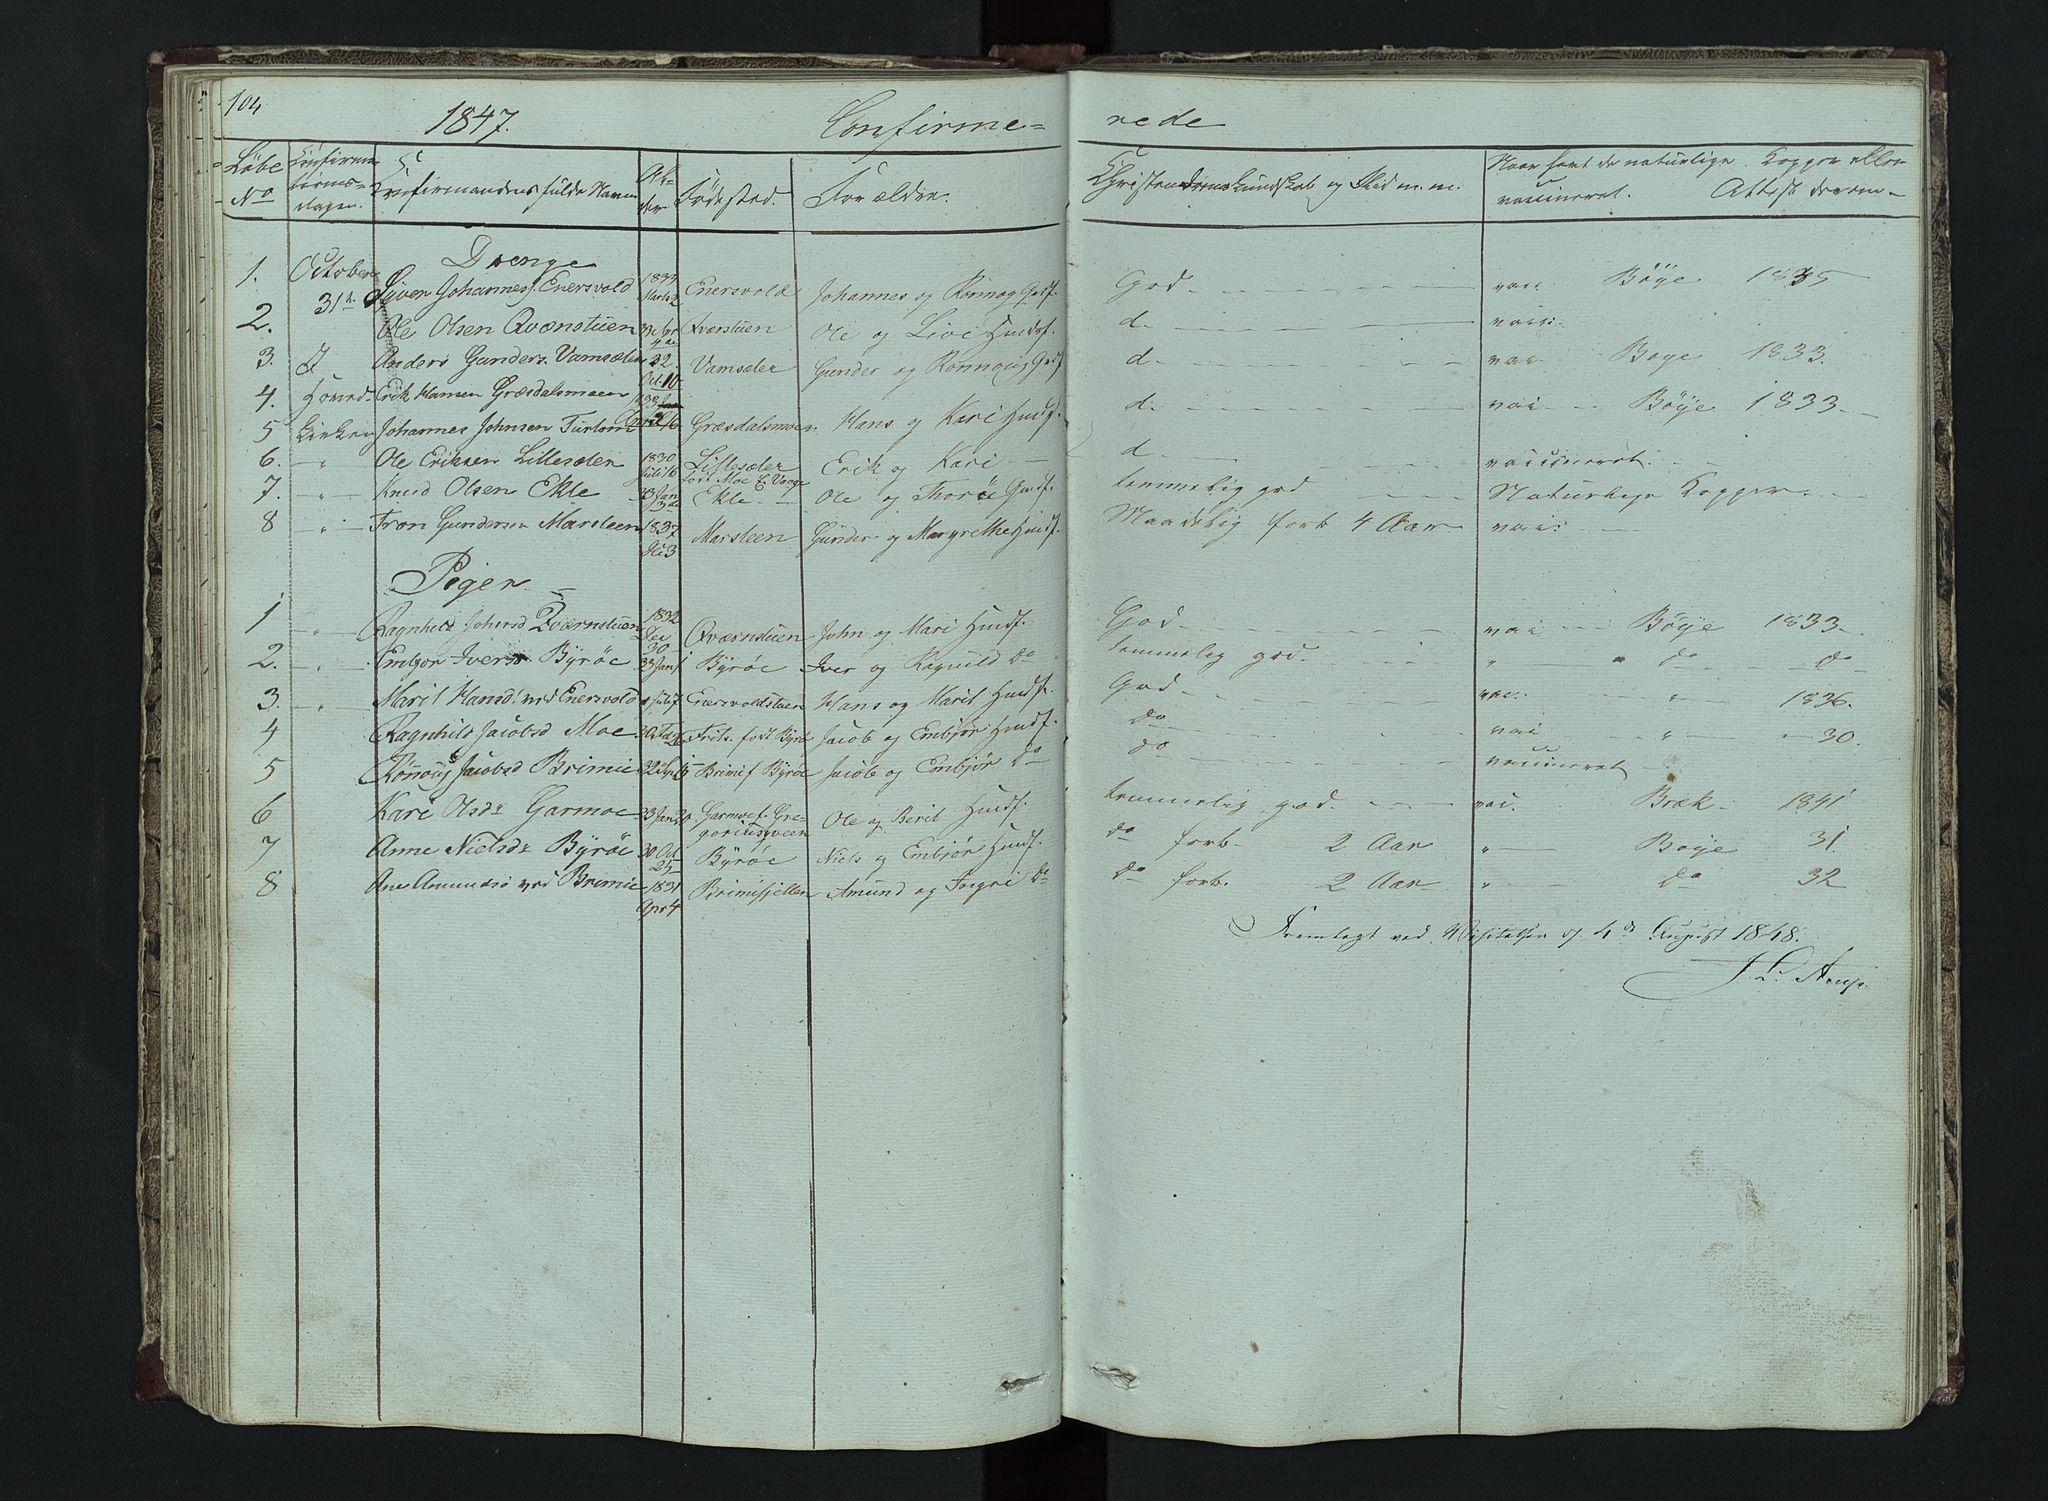 SAH, Lom prestekontor, L/L0014: Klokkerbok nr. 14, 1845-1876, s. 104-105